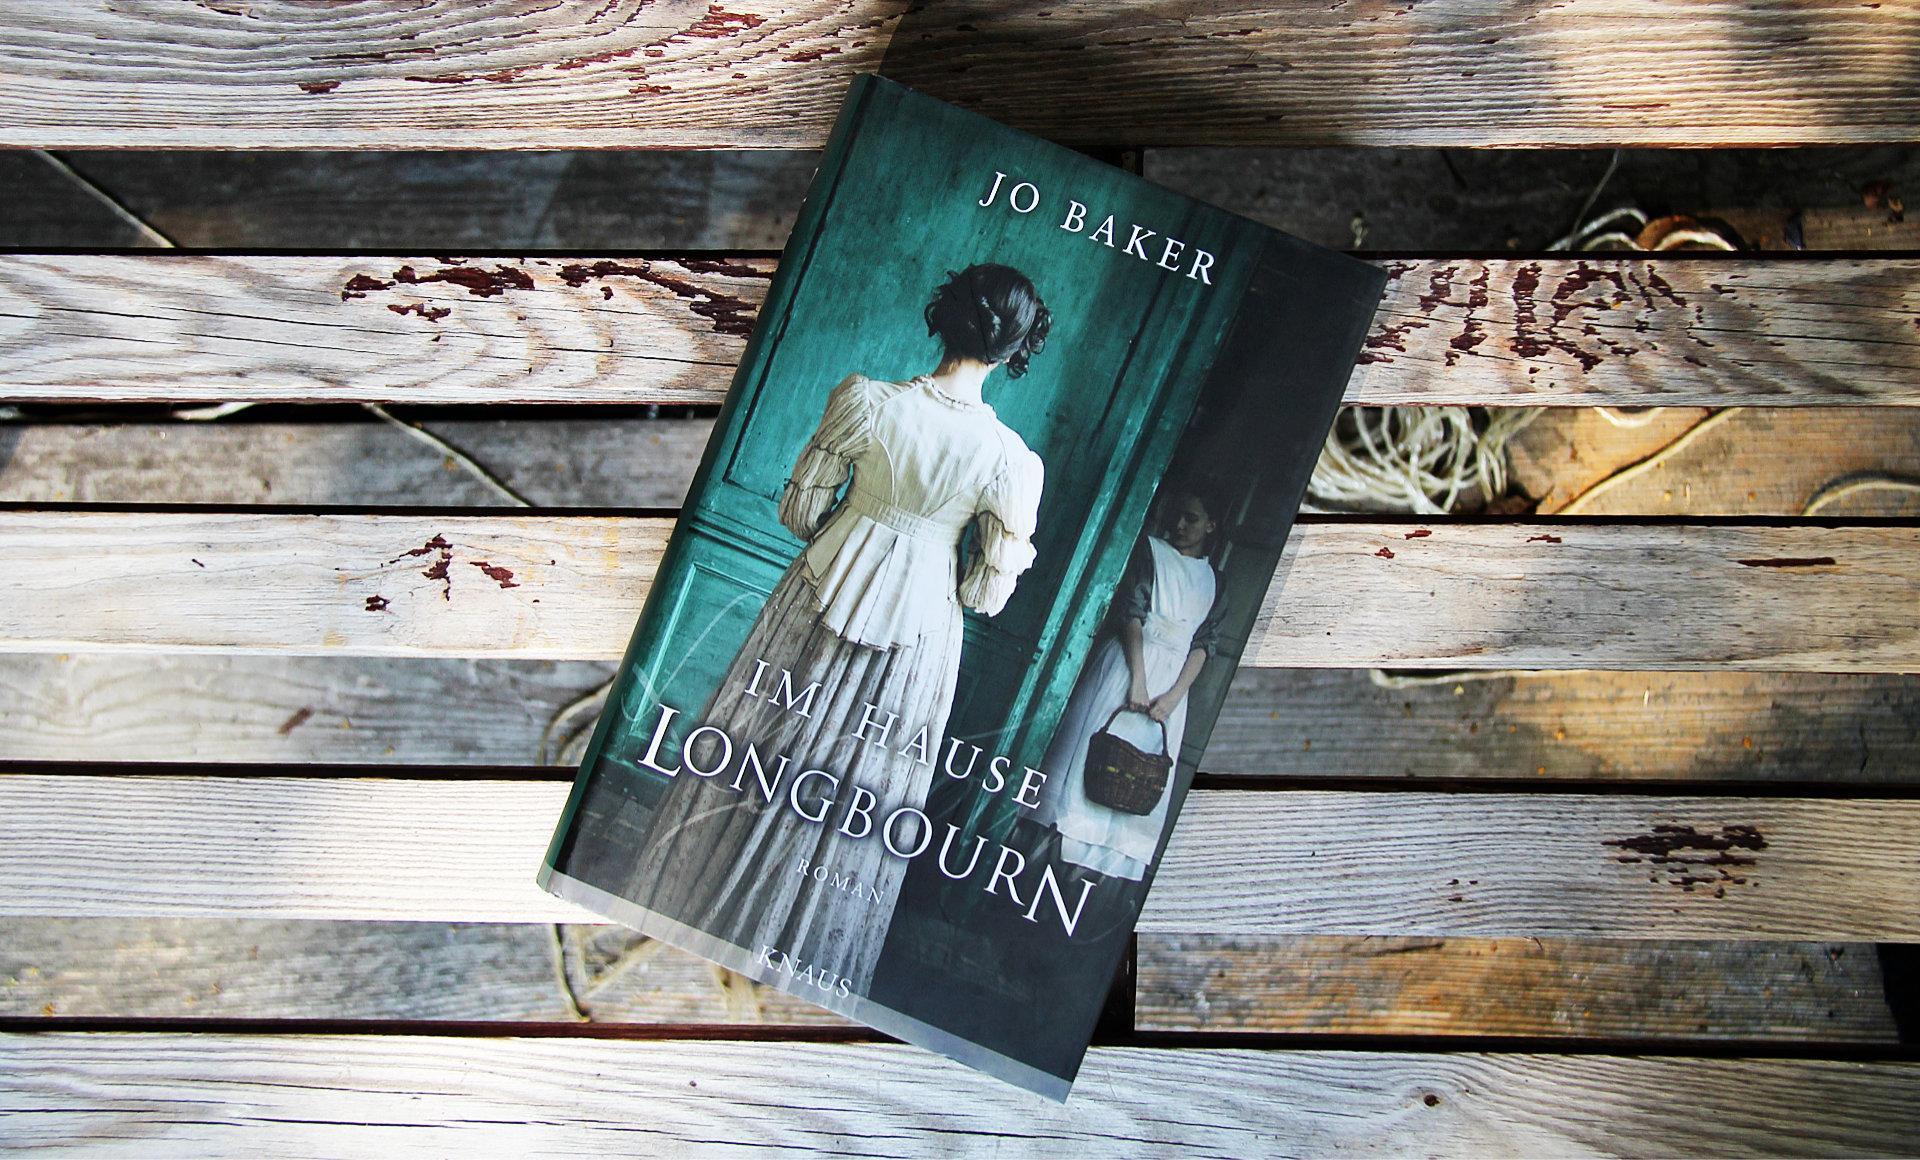 Im Hause Longbourn • Jo Baker